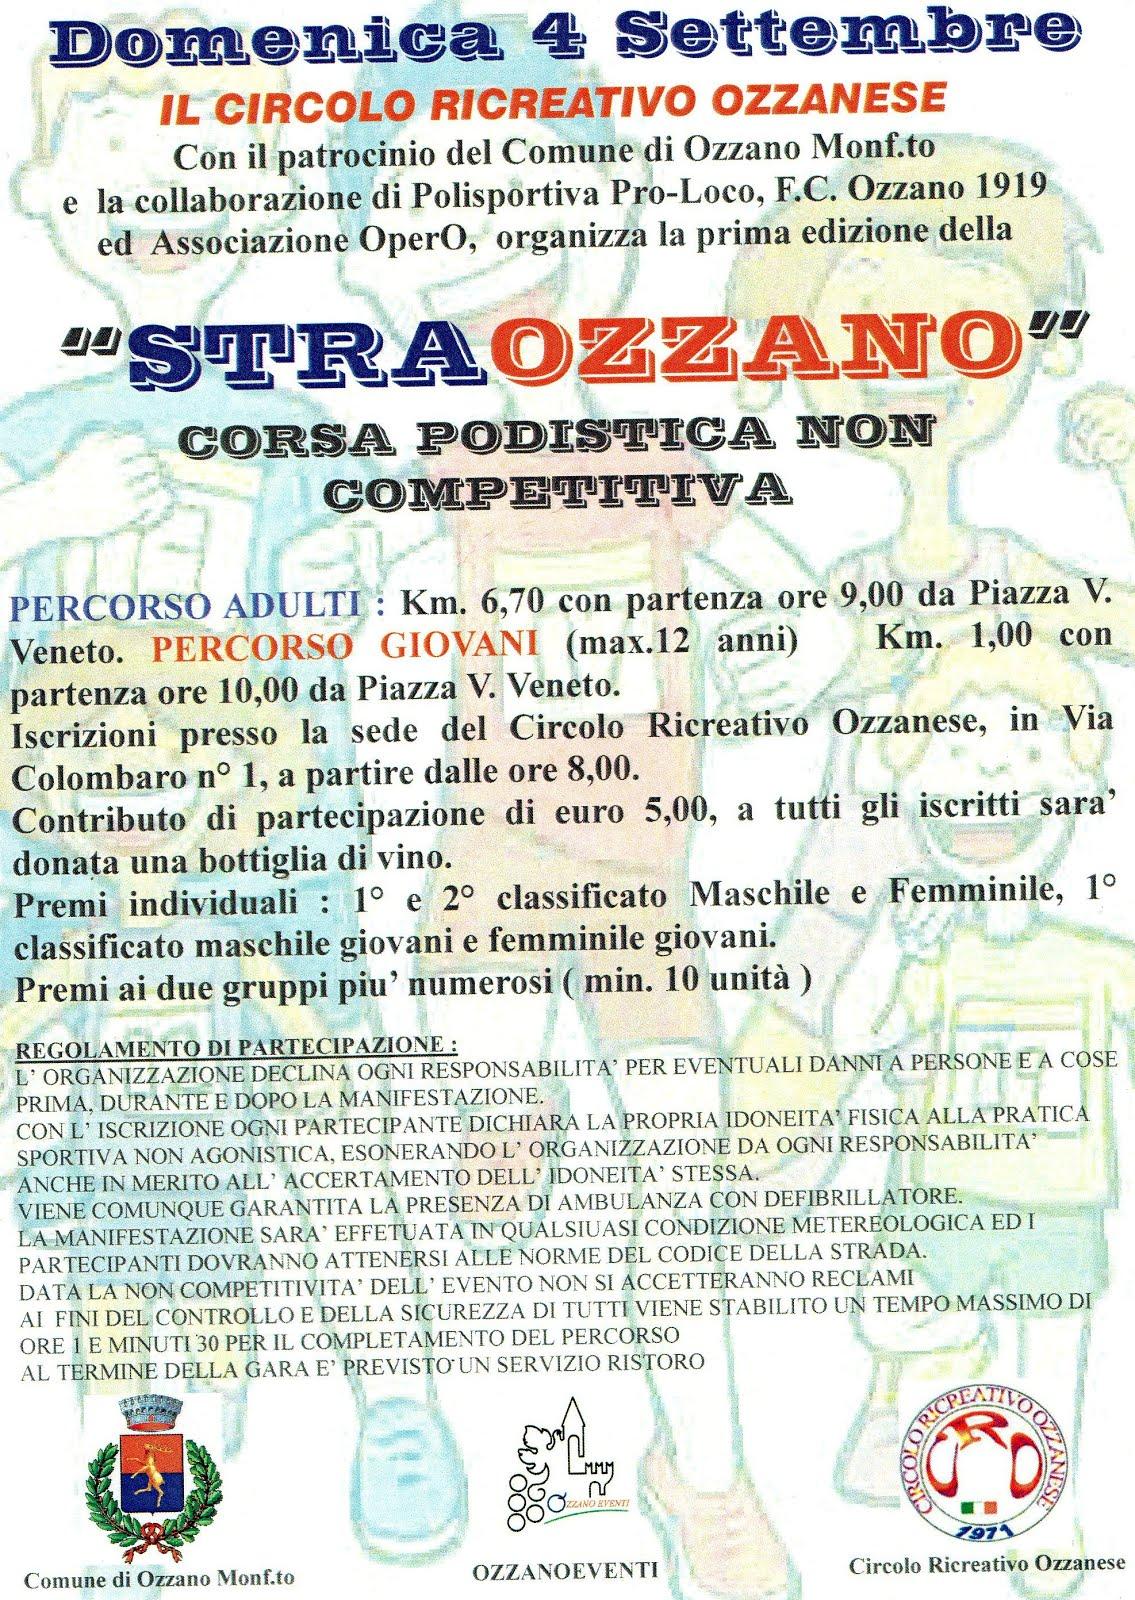 Ozzano Monferrato 4 settembre